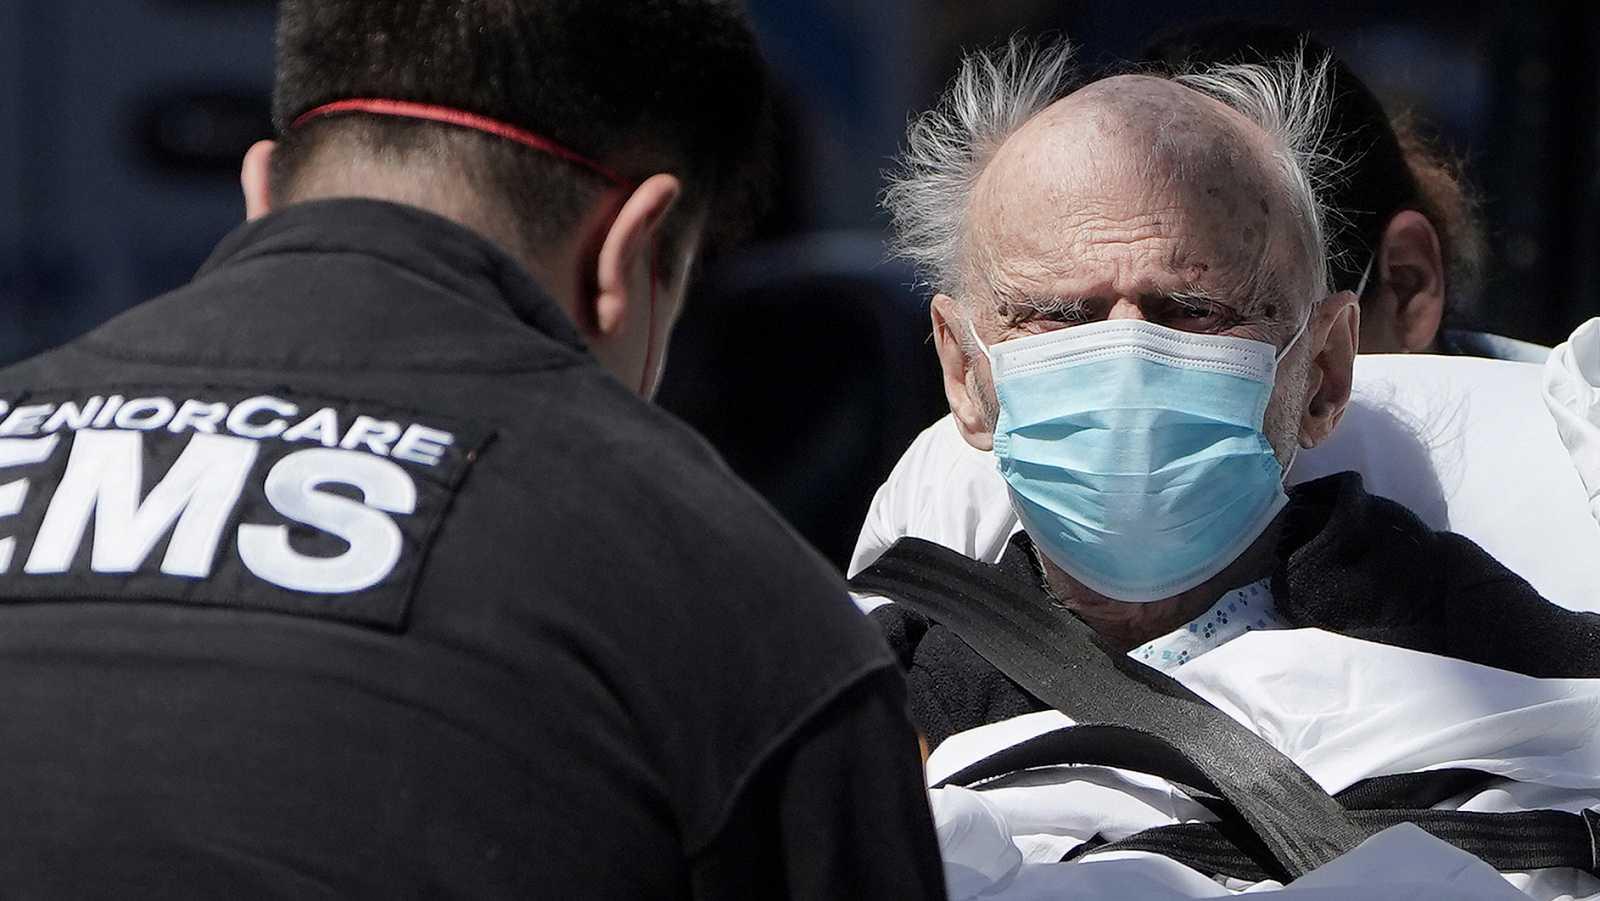 Imagen: Paciente con coronavirus en Manhattan, Nueva York